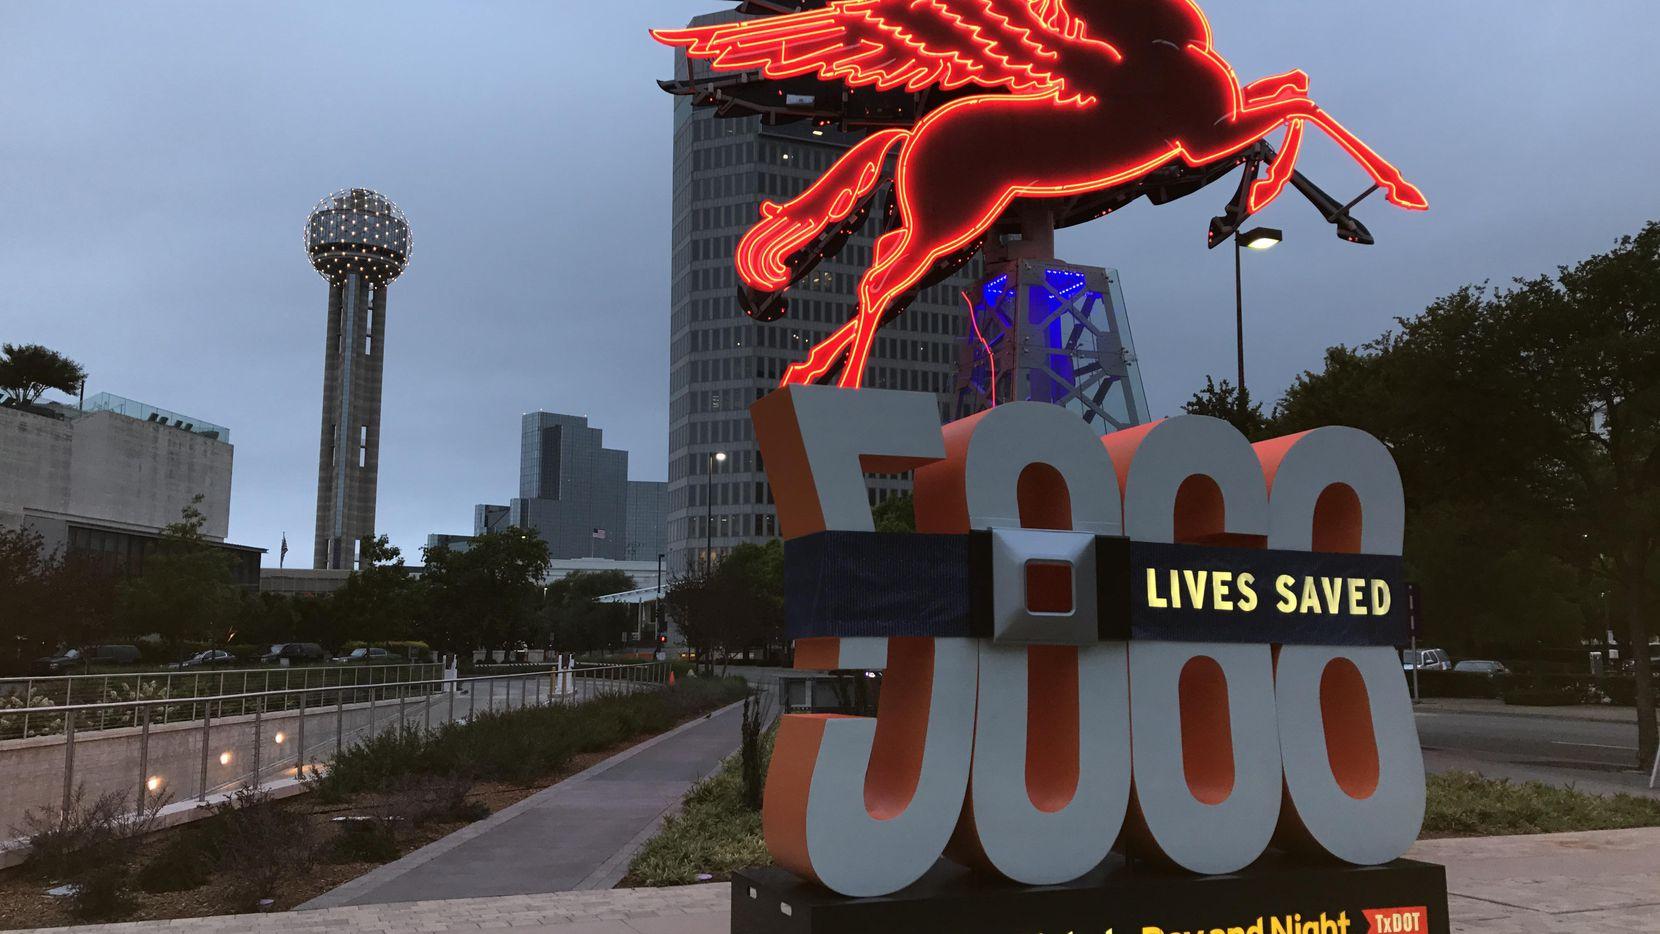 """Calculan que la campaña """"Abroche o Pague"""" ha salvado la vida de 5,068 personas en Texas desde que se lanzó en el 2002.(CORTESÍA)"""